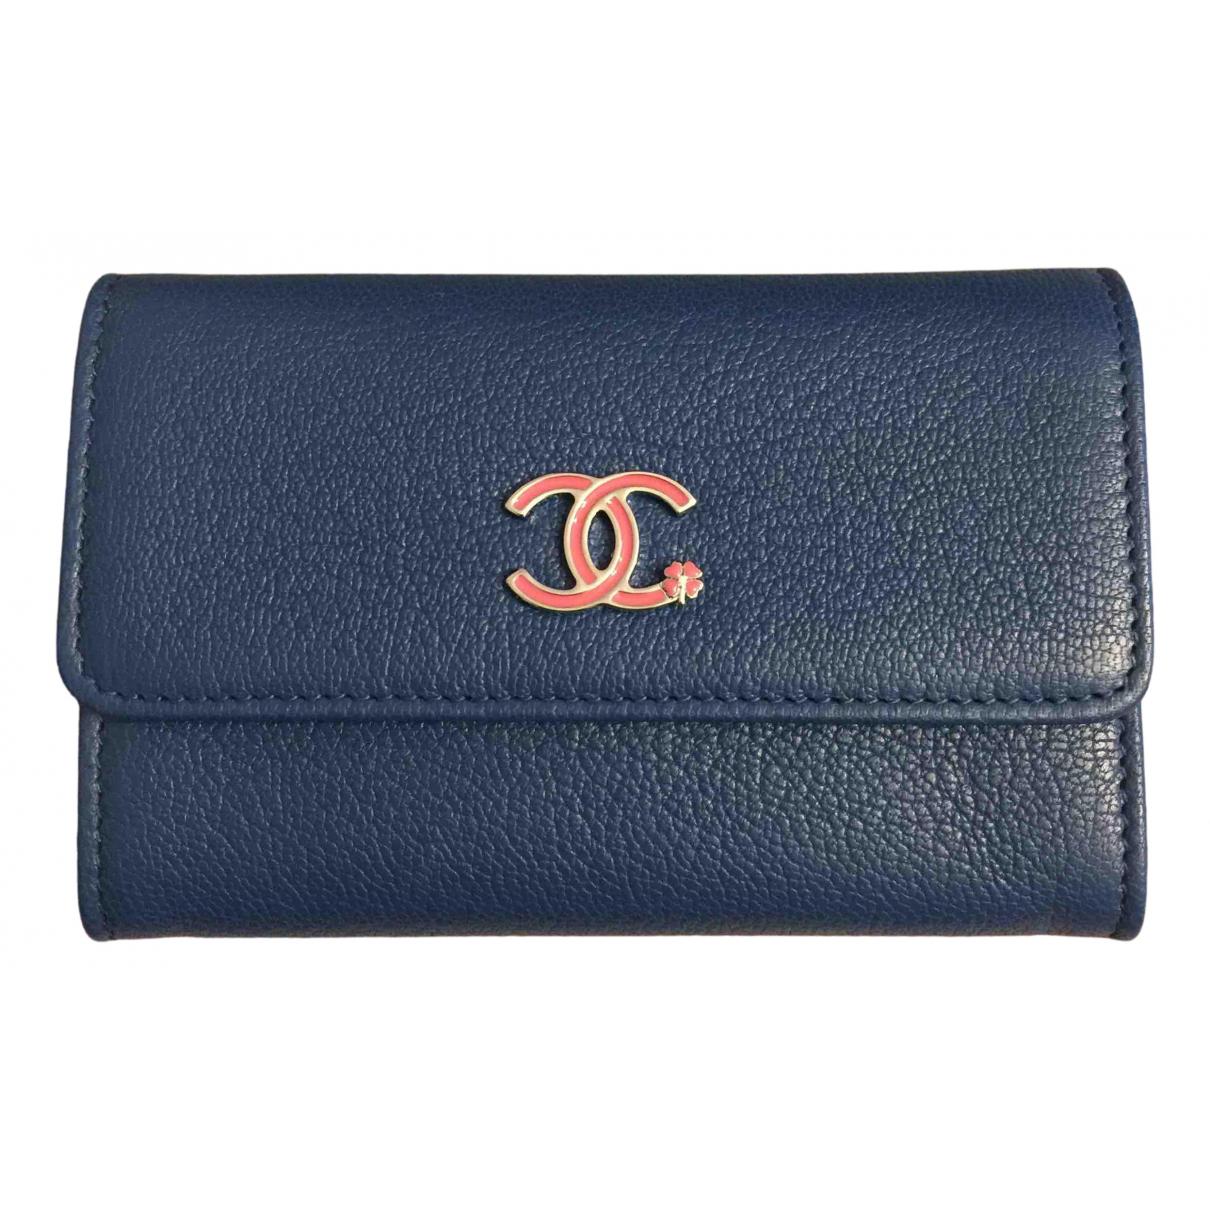 Chanel - Portefeuille   pour femme en cuir - bleu